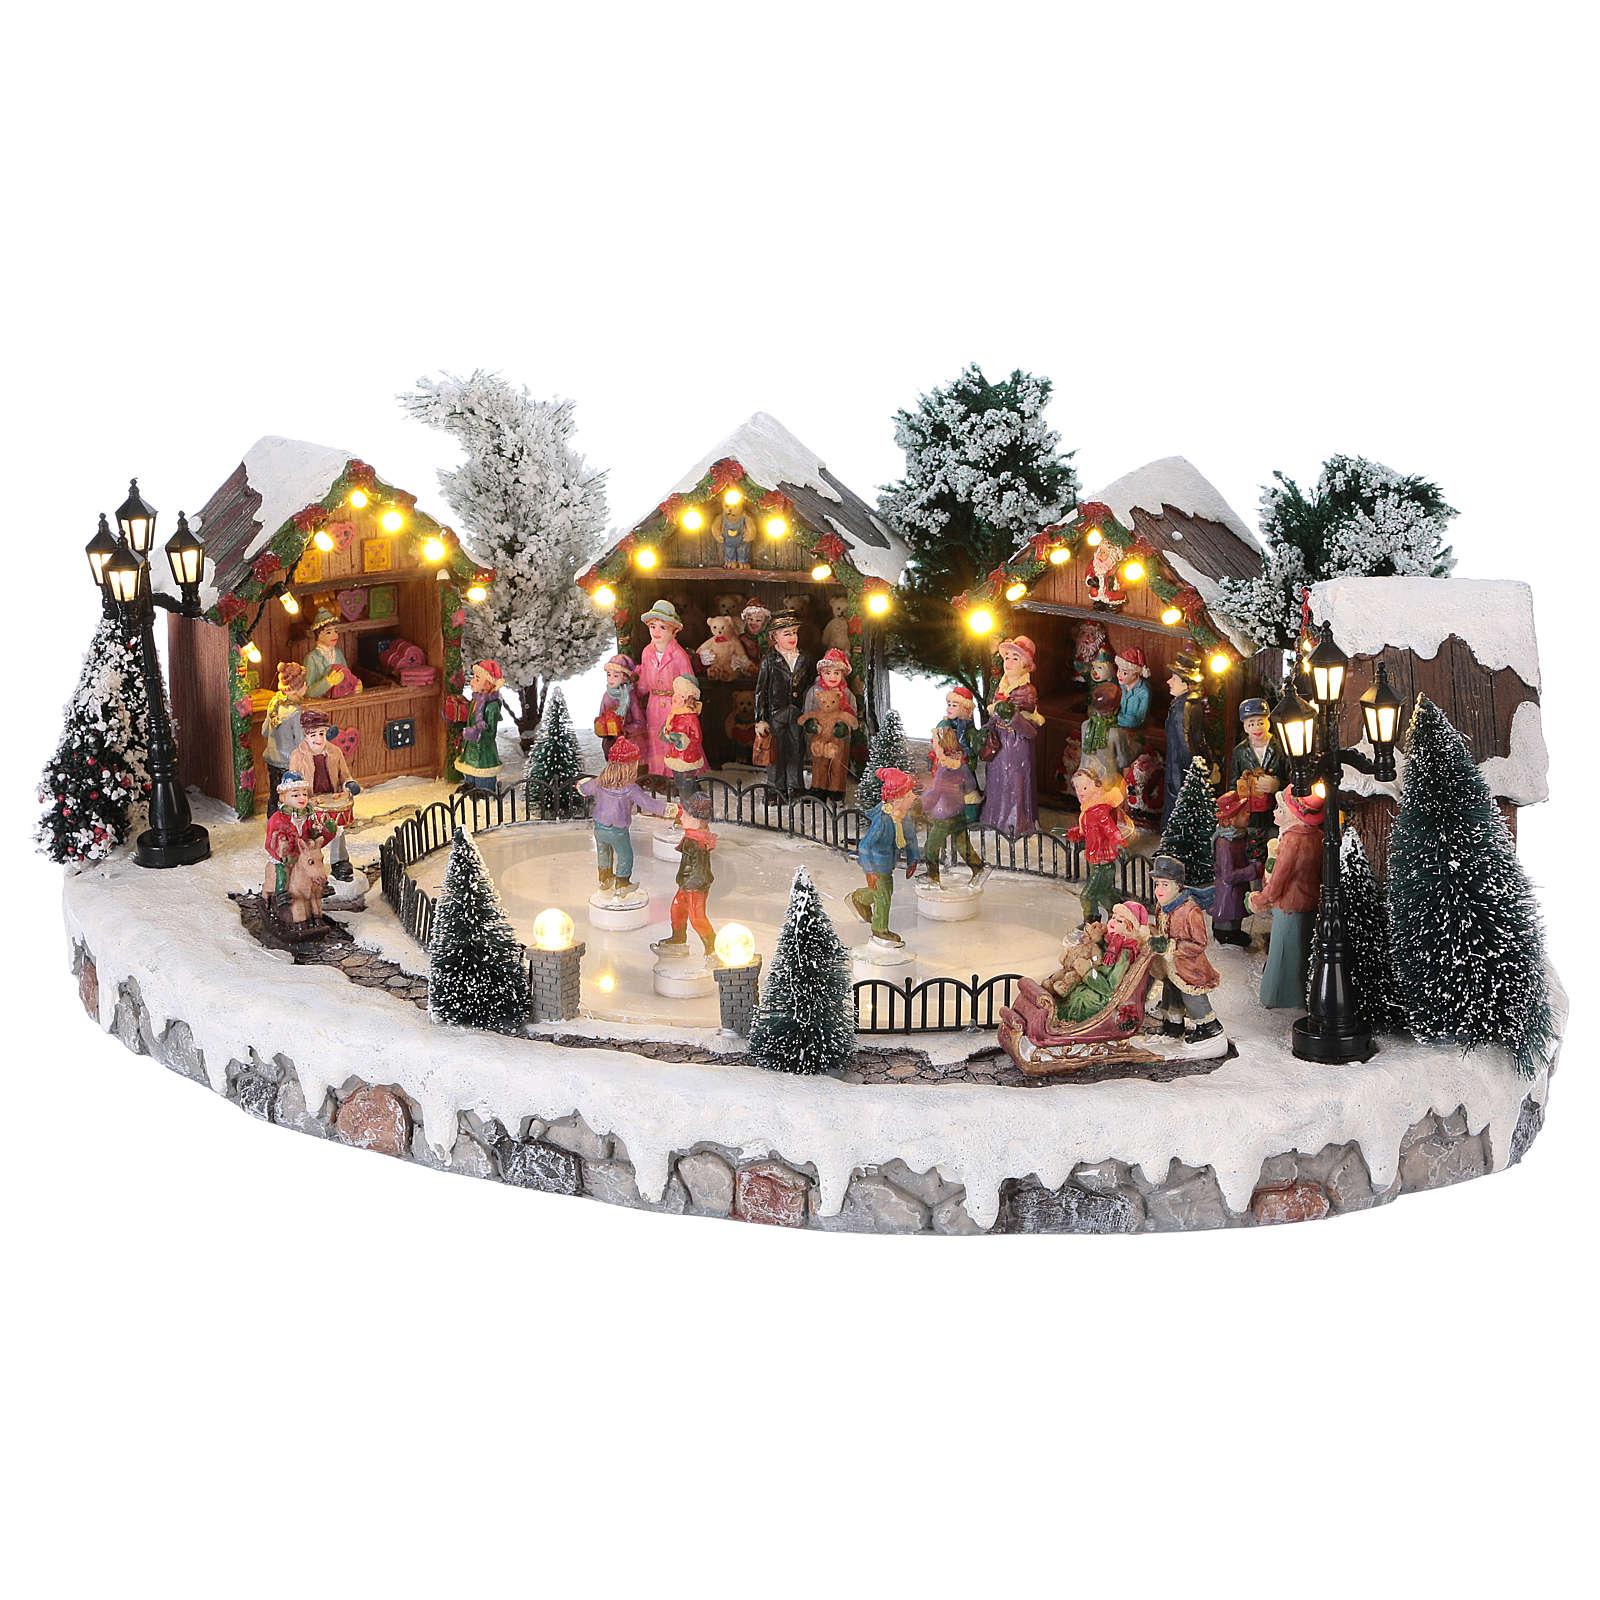 Pueblo de Navidad pista de patinaje luces música movimiento 20x45x30 cm corriente 3